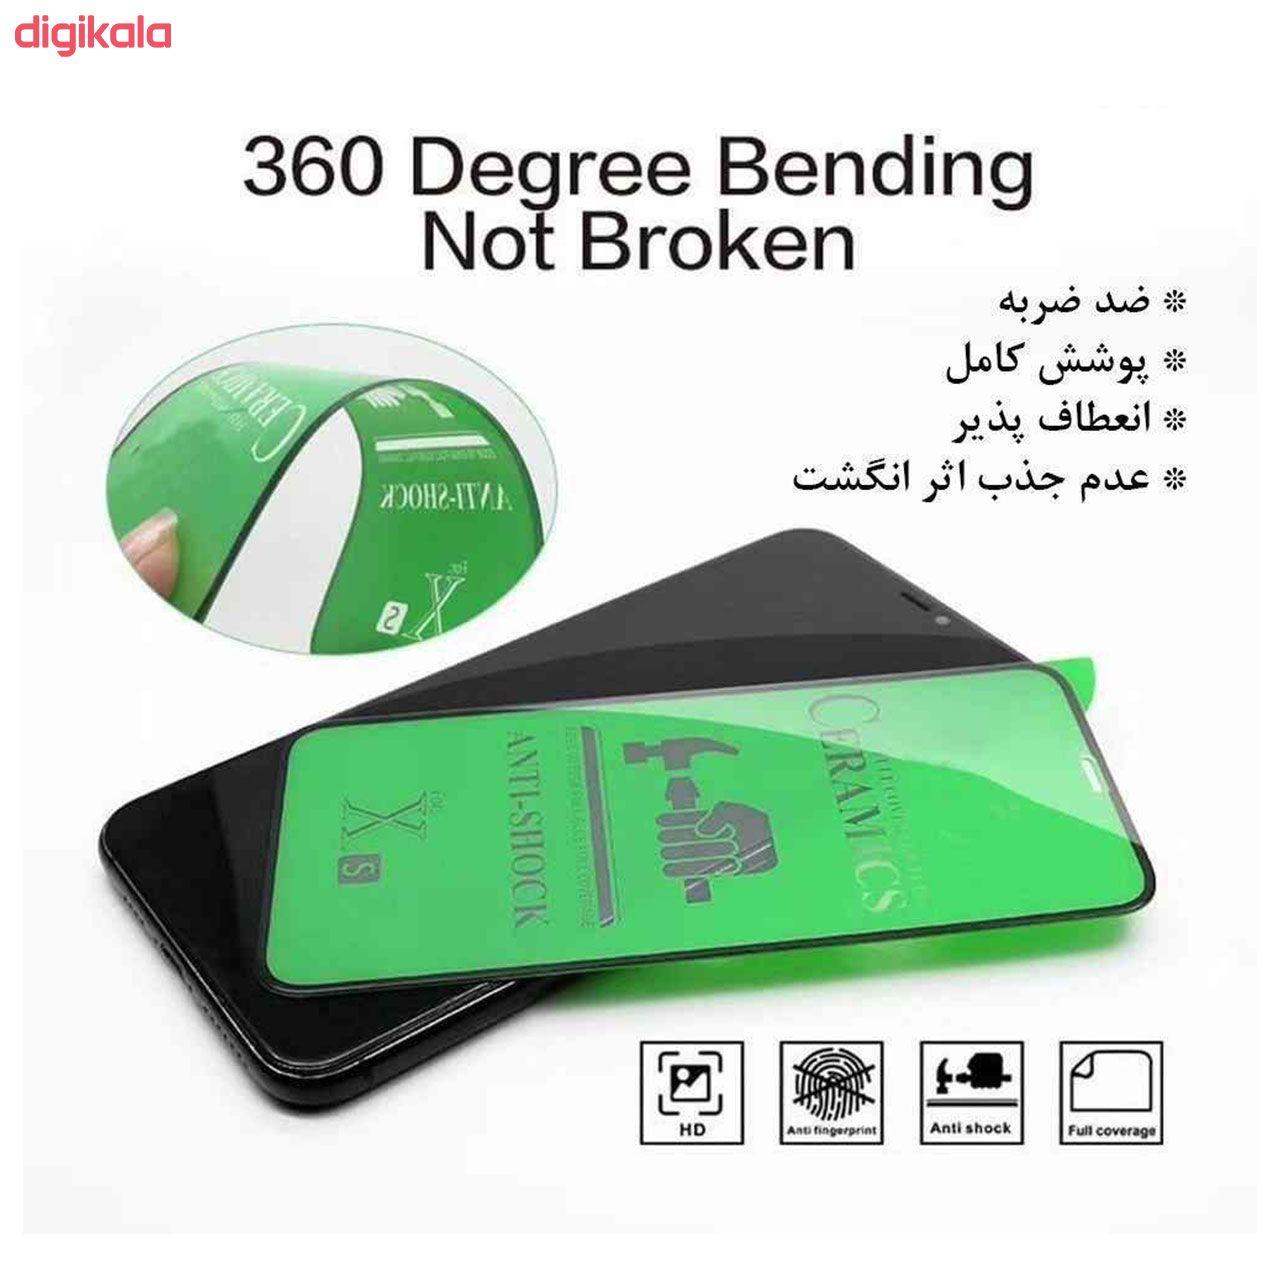 محافظ صفحه نمایش شیپ مدل shcrm-01 مناسب برای گوشی موبایل اپل Iphone 6/6s main 1 3